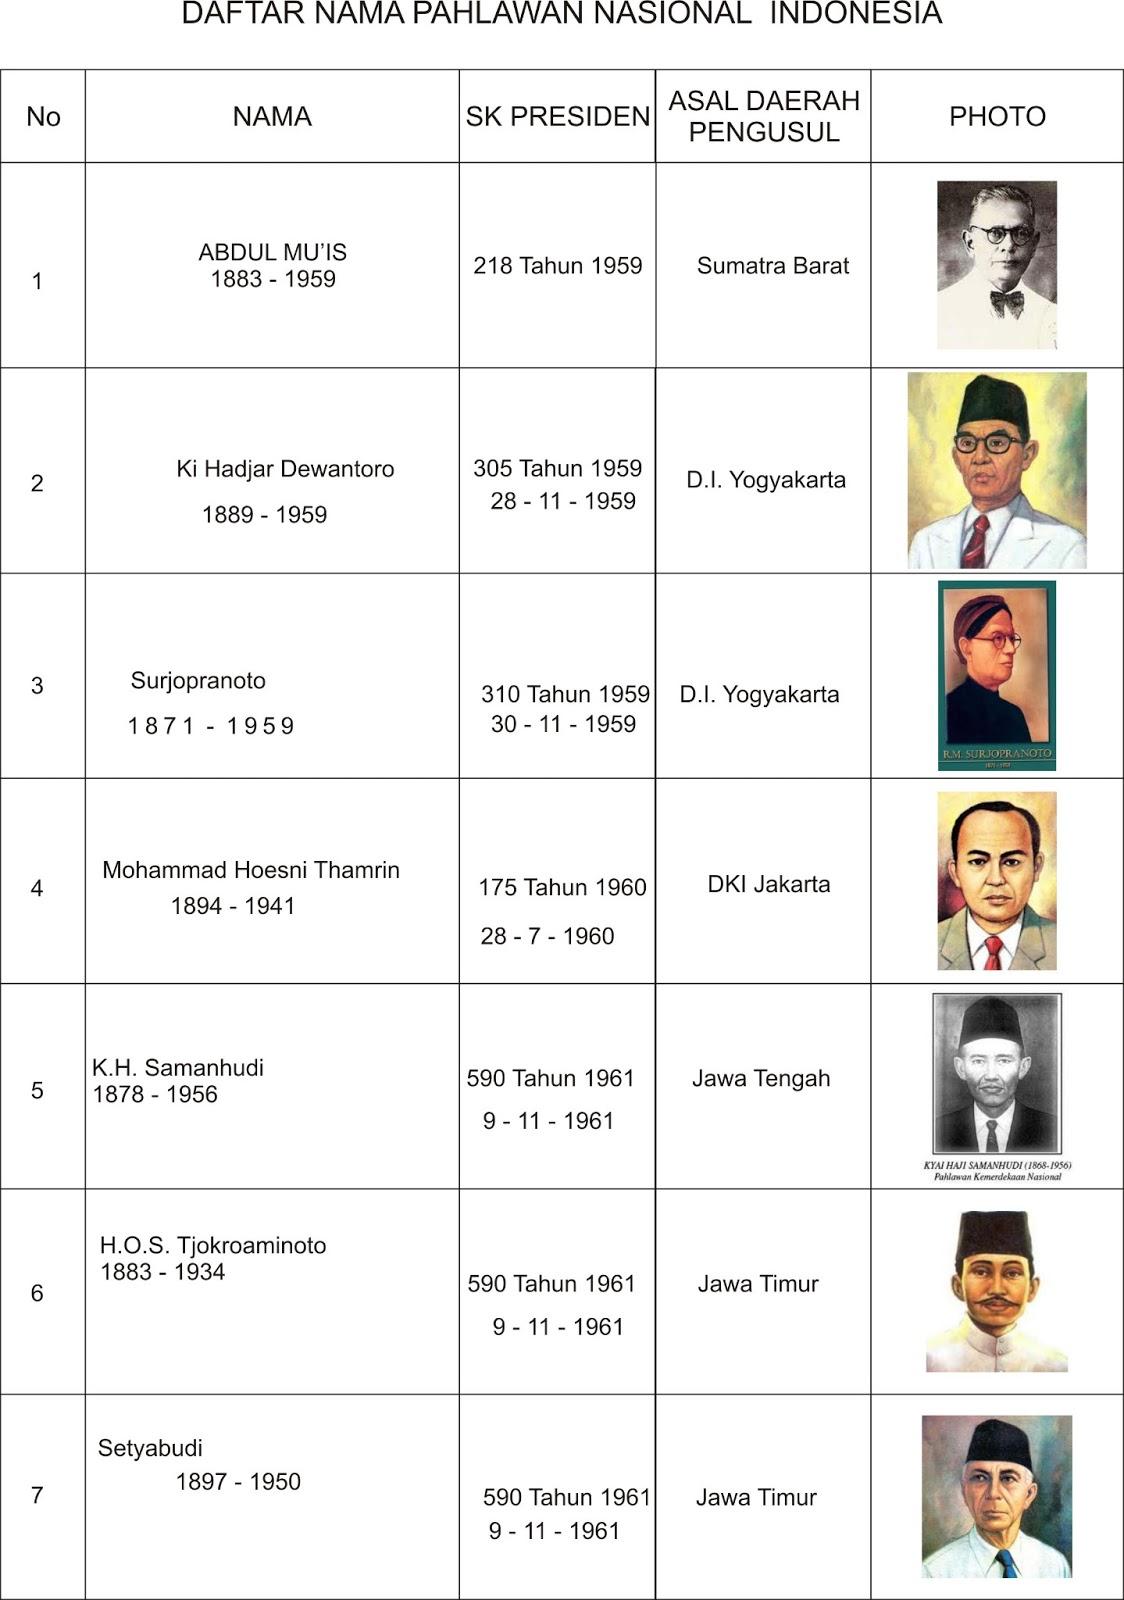 DAFTAR PAHLAWAN NASIONAL REPUBLIK INDONESIA